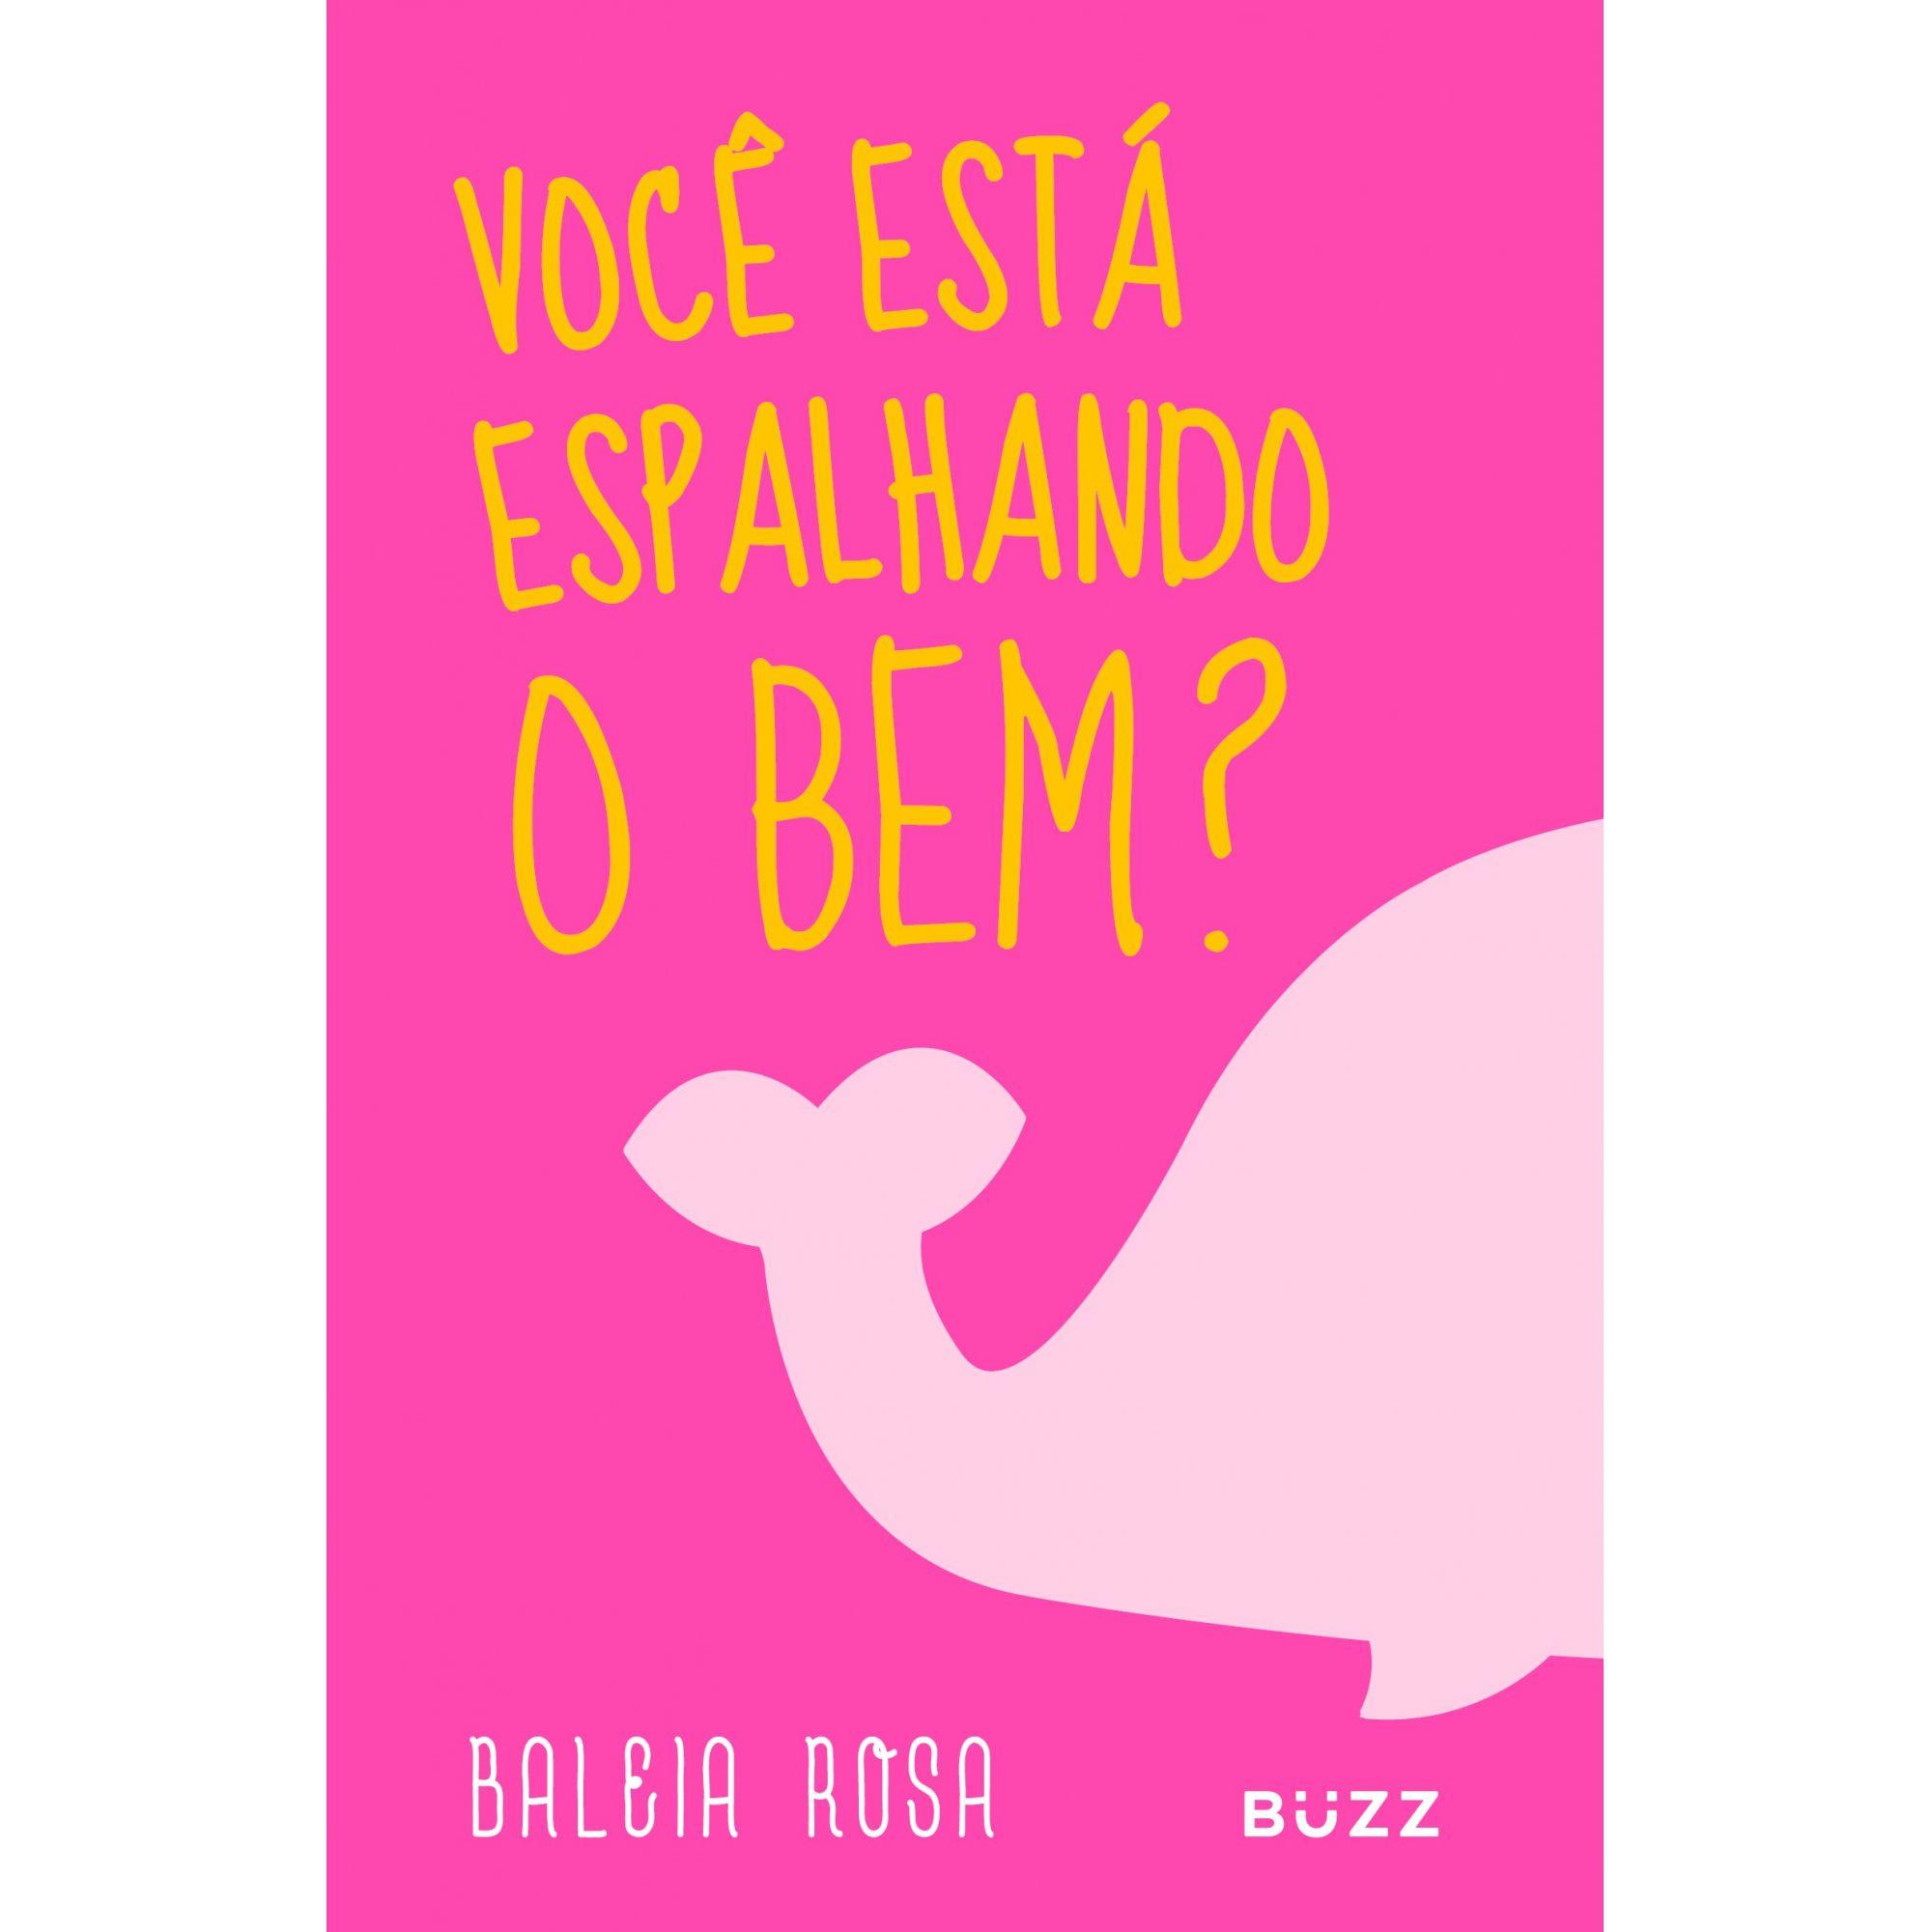 BALEIA ROSA - VOCE ESTA ESPALHANDO O BEM?